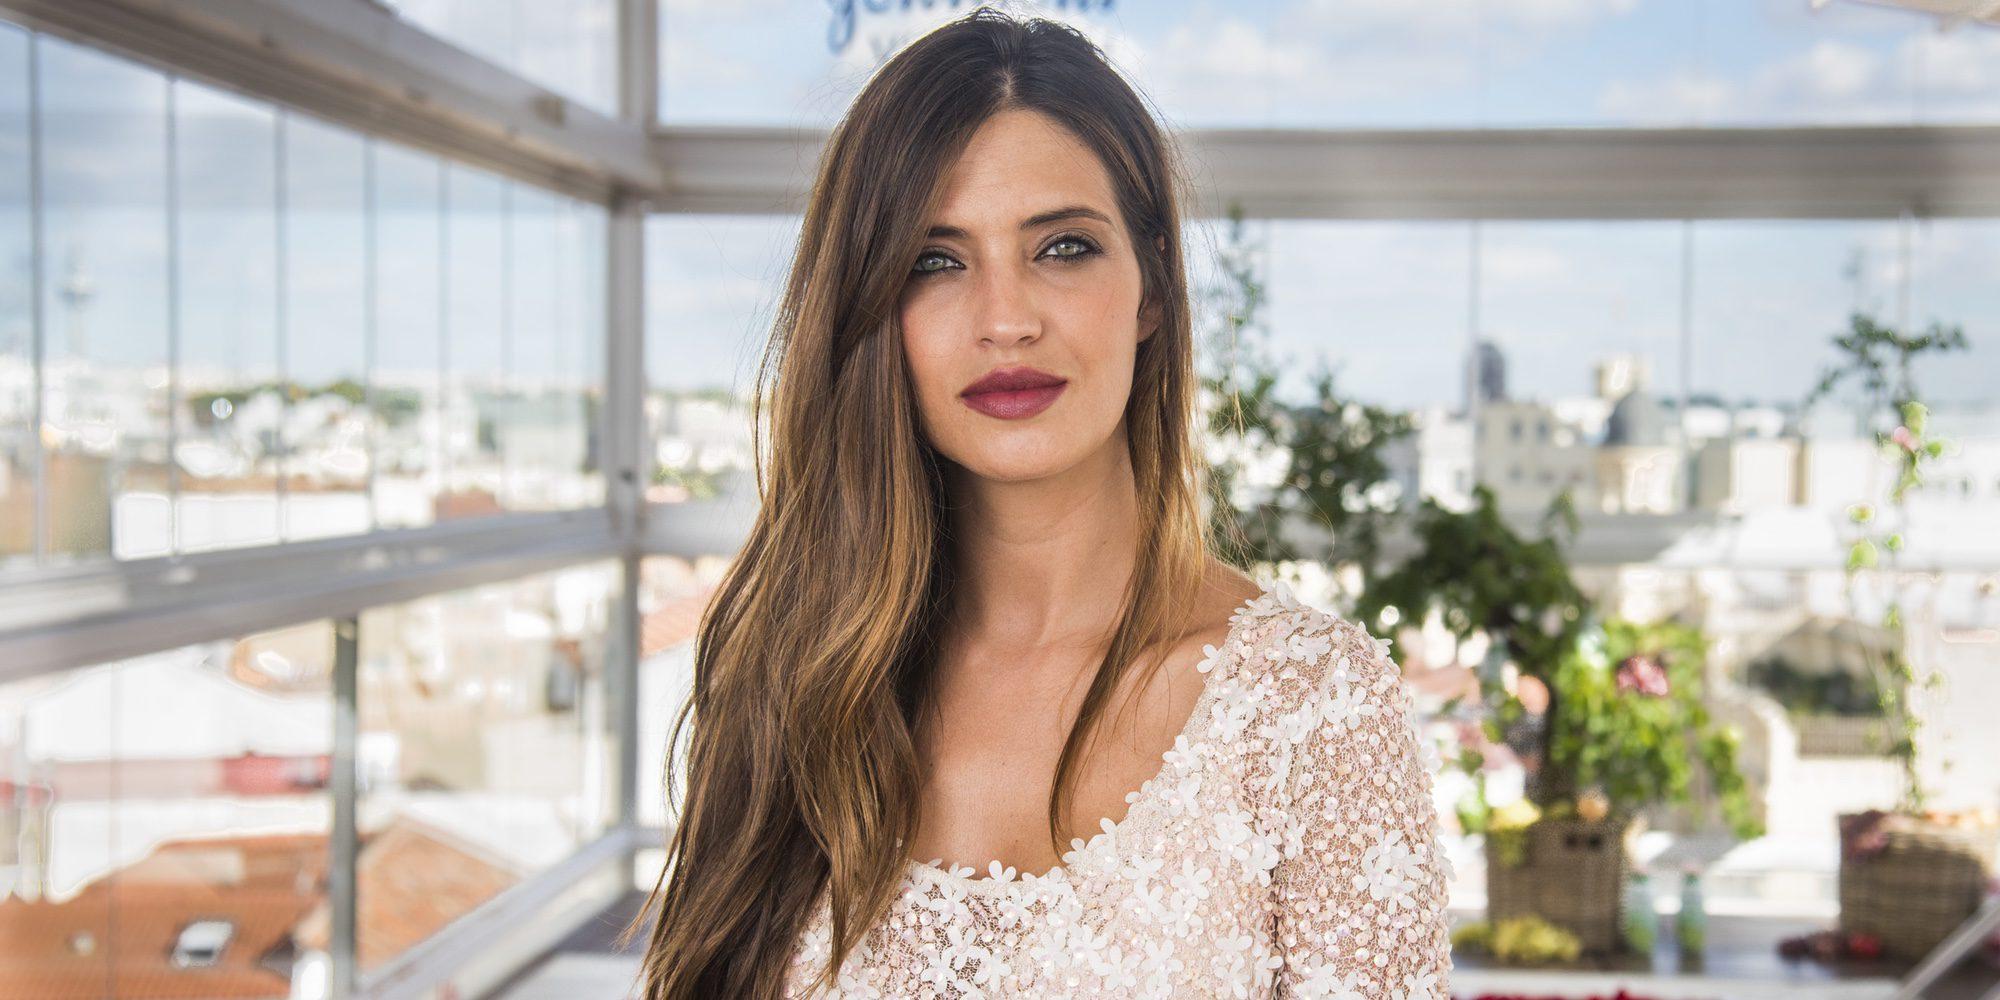 """Sara Carbonero sigue estudiando periodismo: """"Estudio a distancia, no quiero que nadie me meta presión"""""""